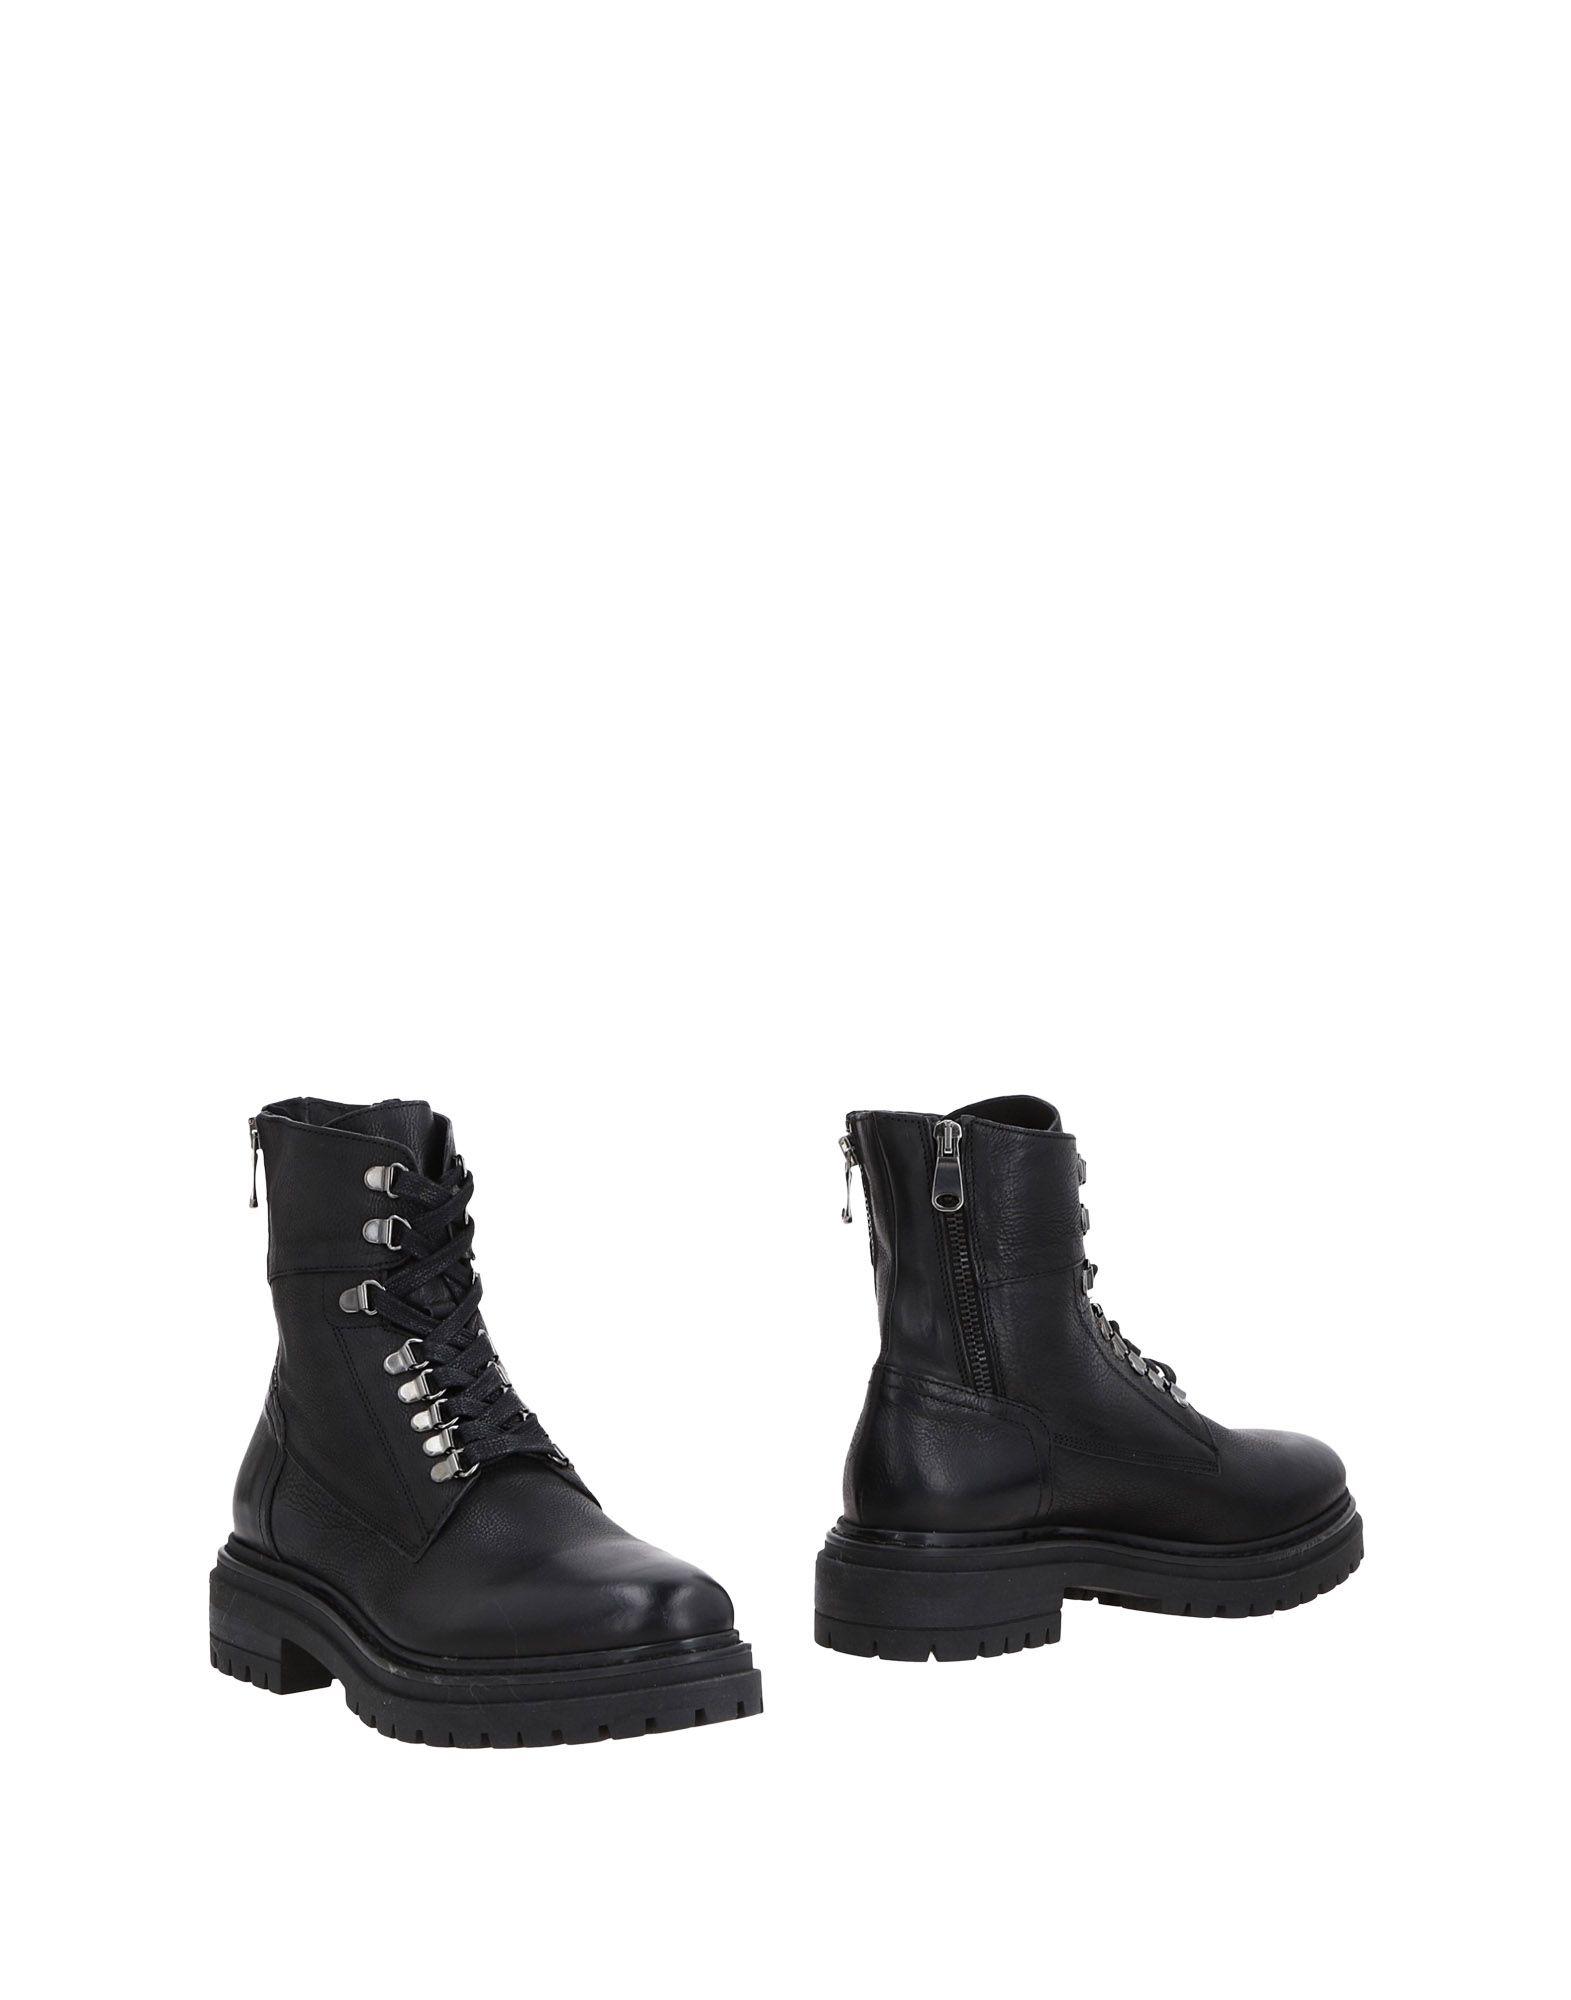 Keb Stiefelette Damen  11467321QL Gute Qualität beliebte Schuhe